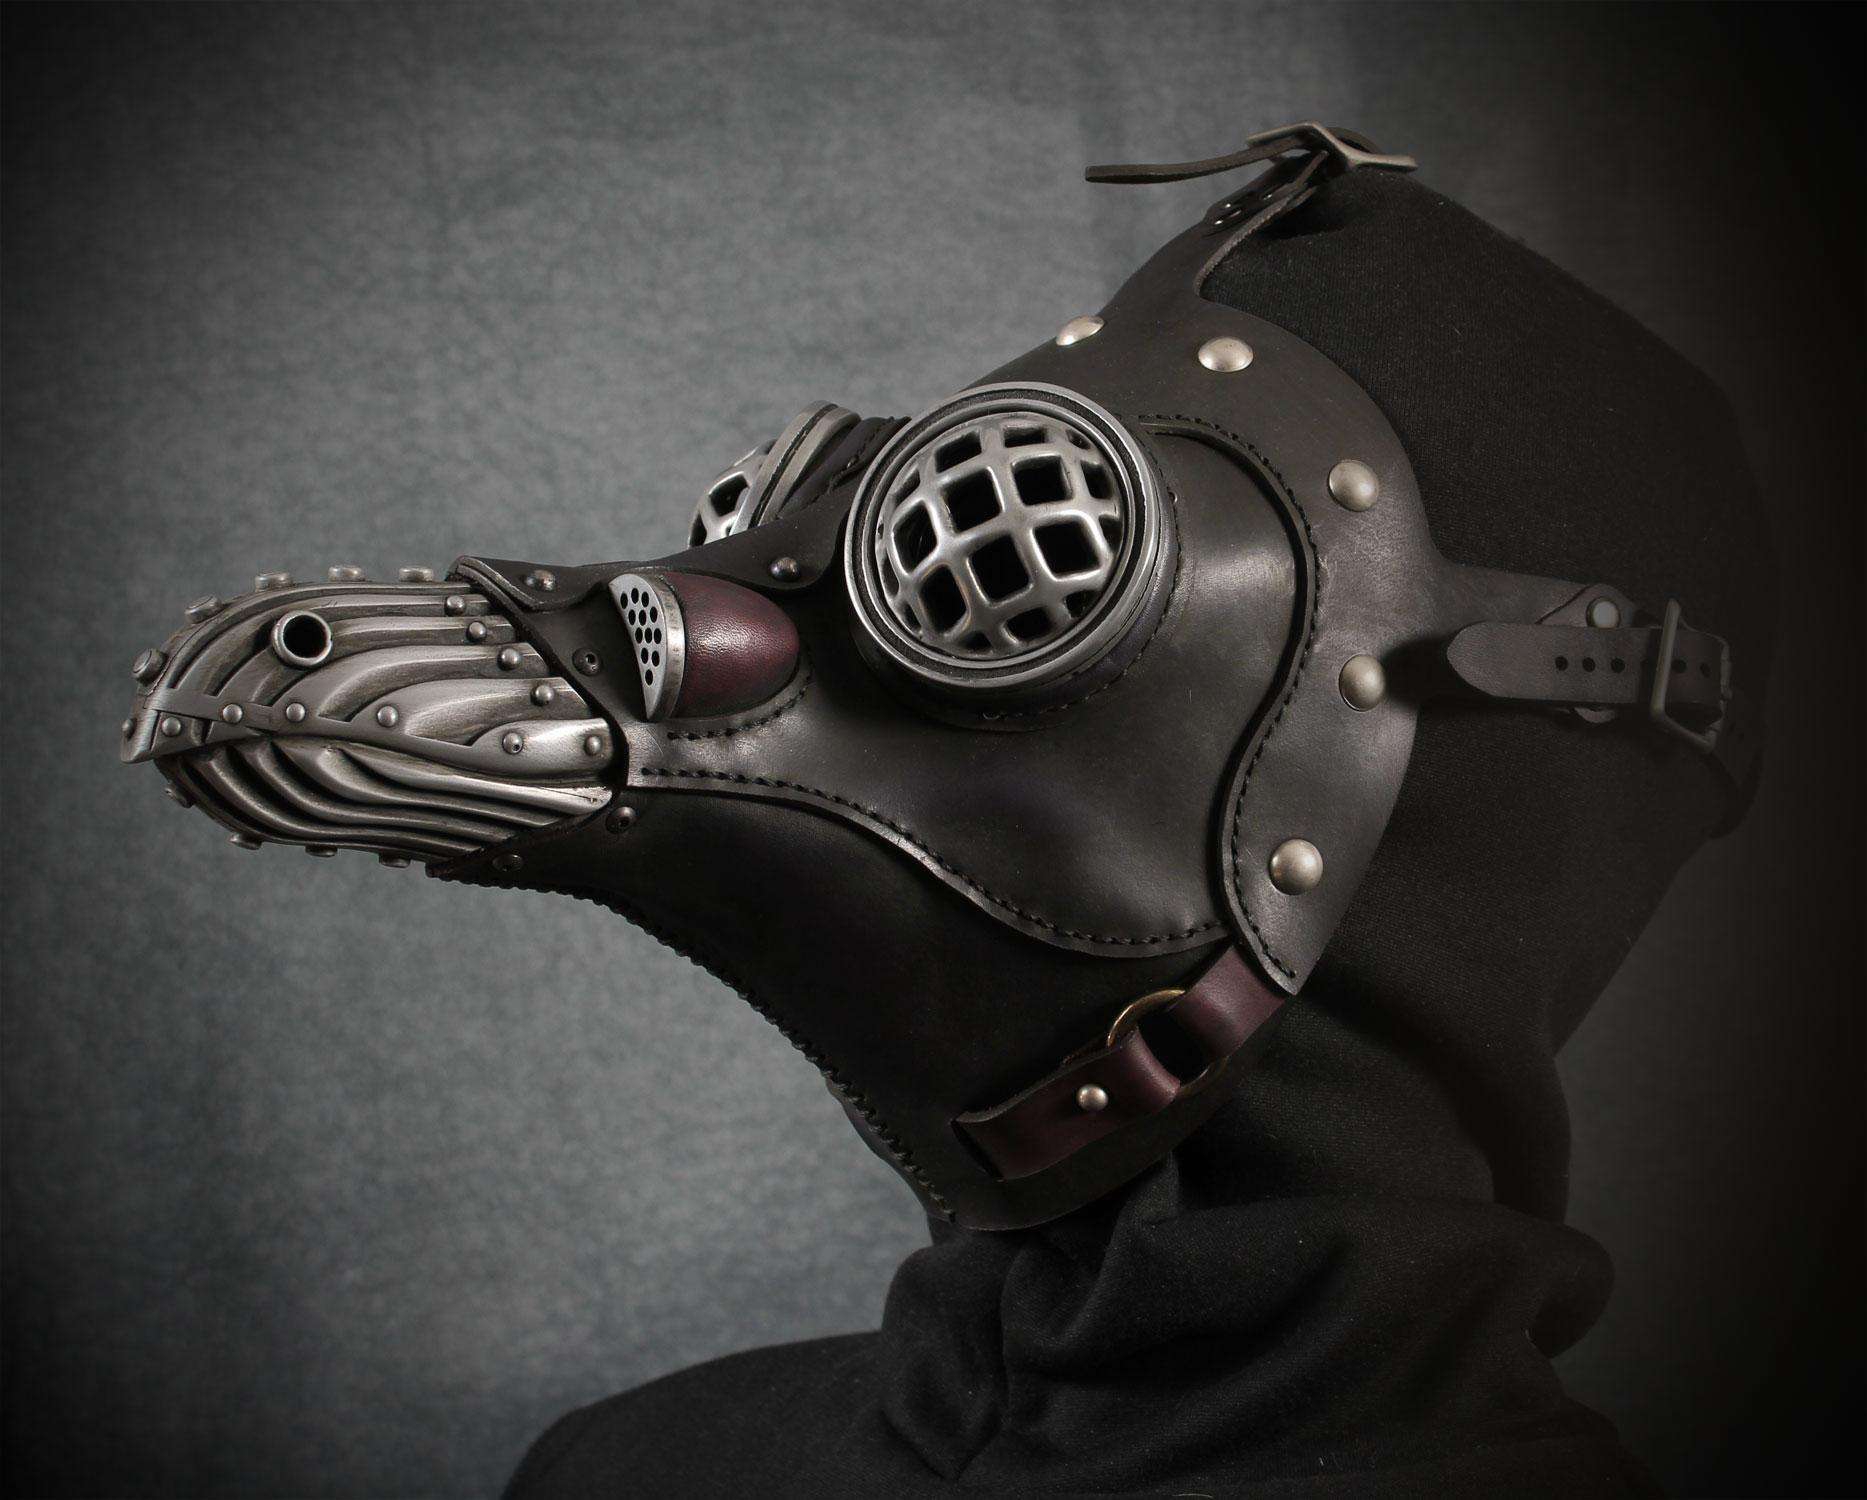 The new Miasma mask